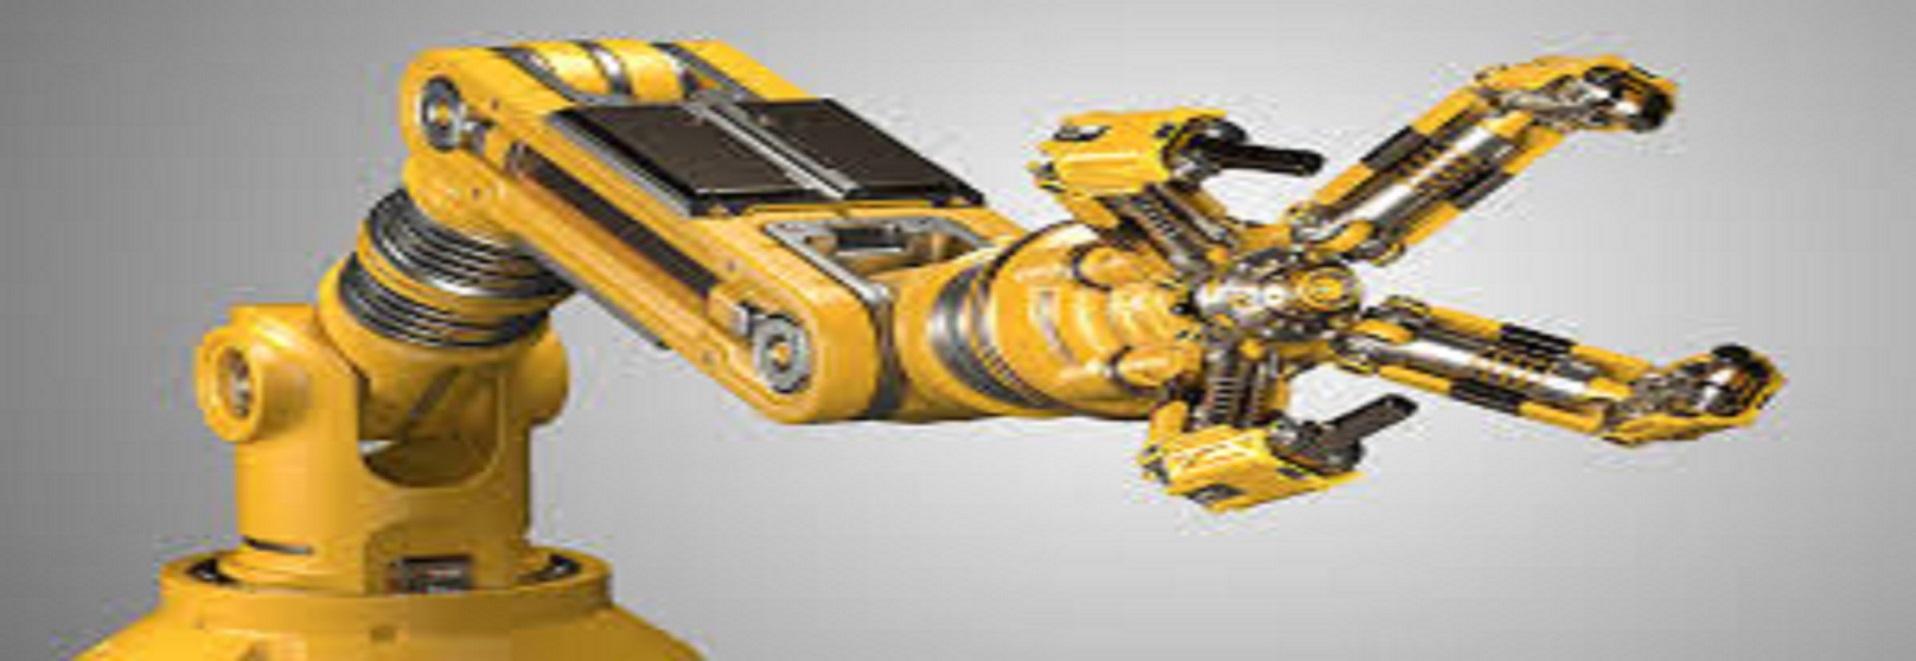 تولیدکننده دستگاههای صنعتی و روباتیک در زمینههای تجهیزات پزشکی و صنعتی